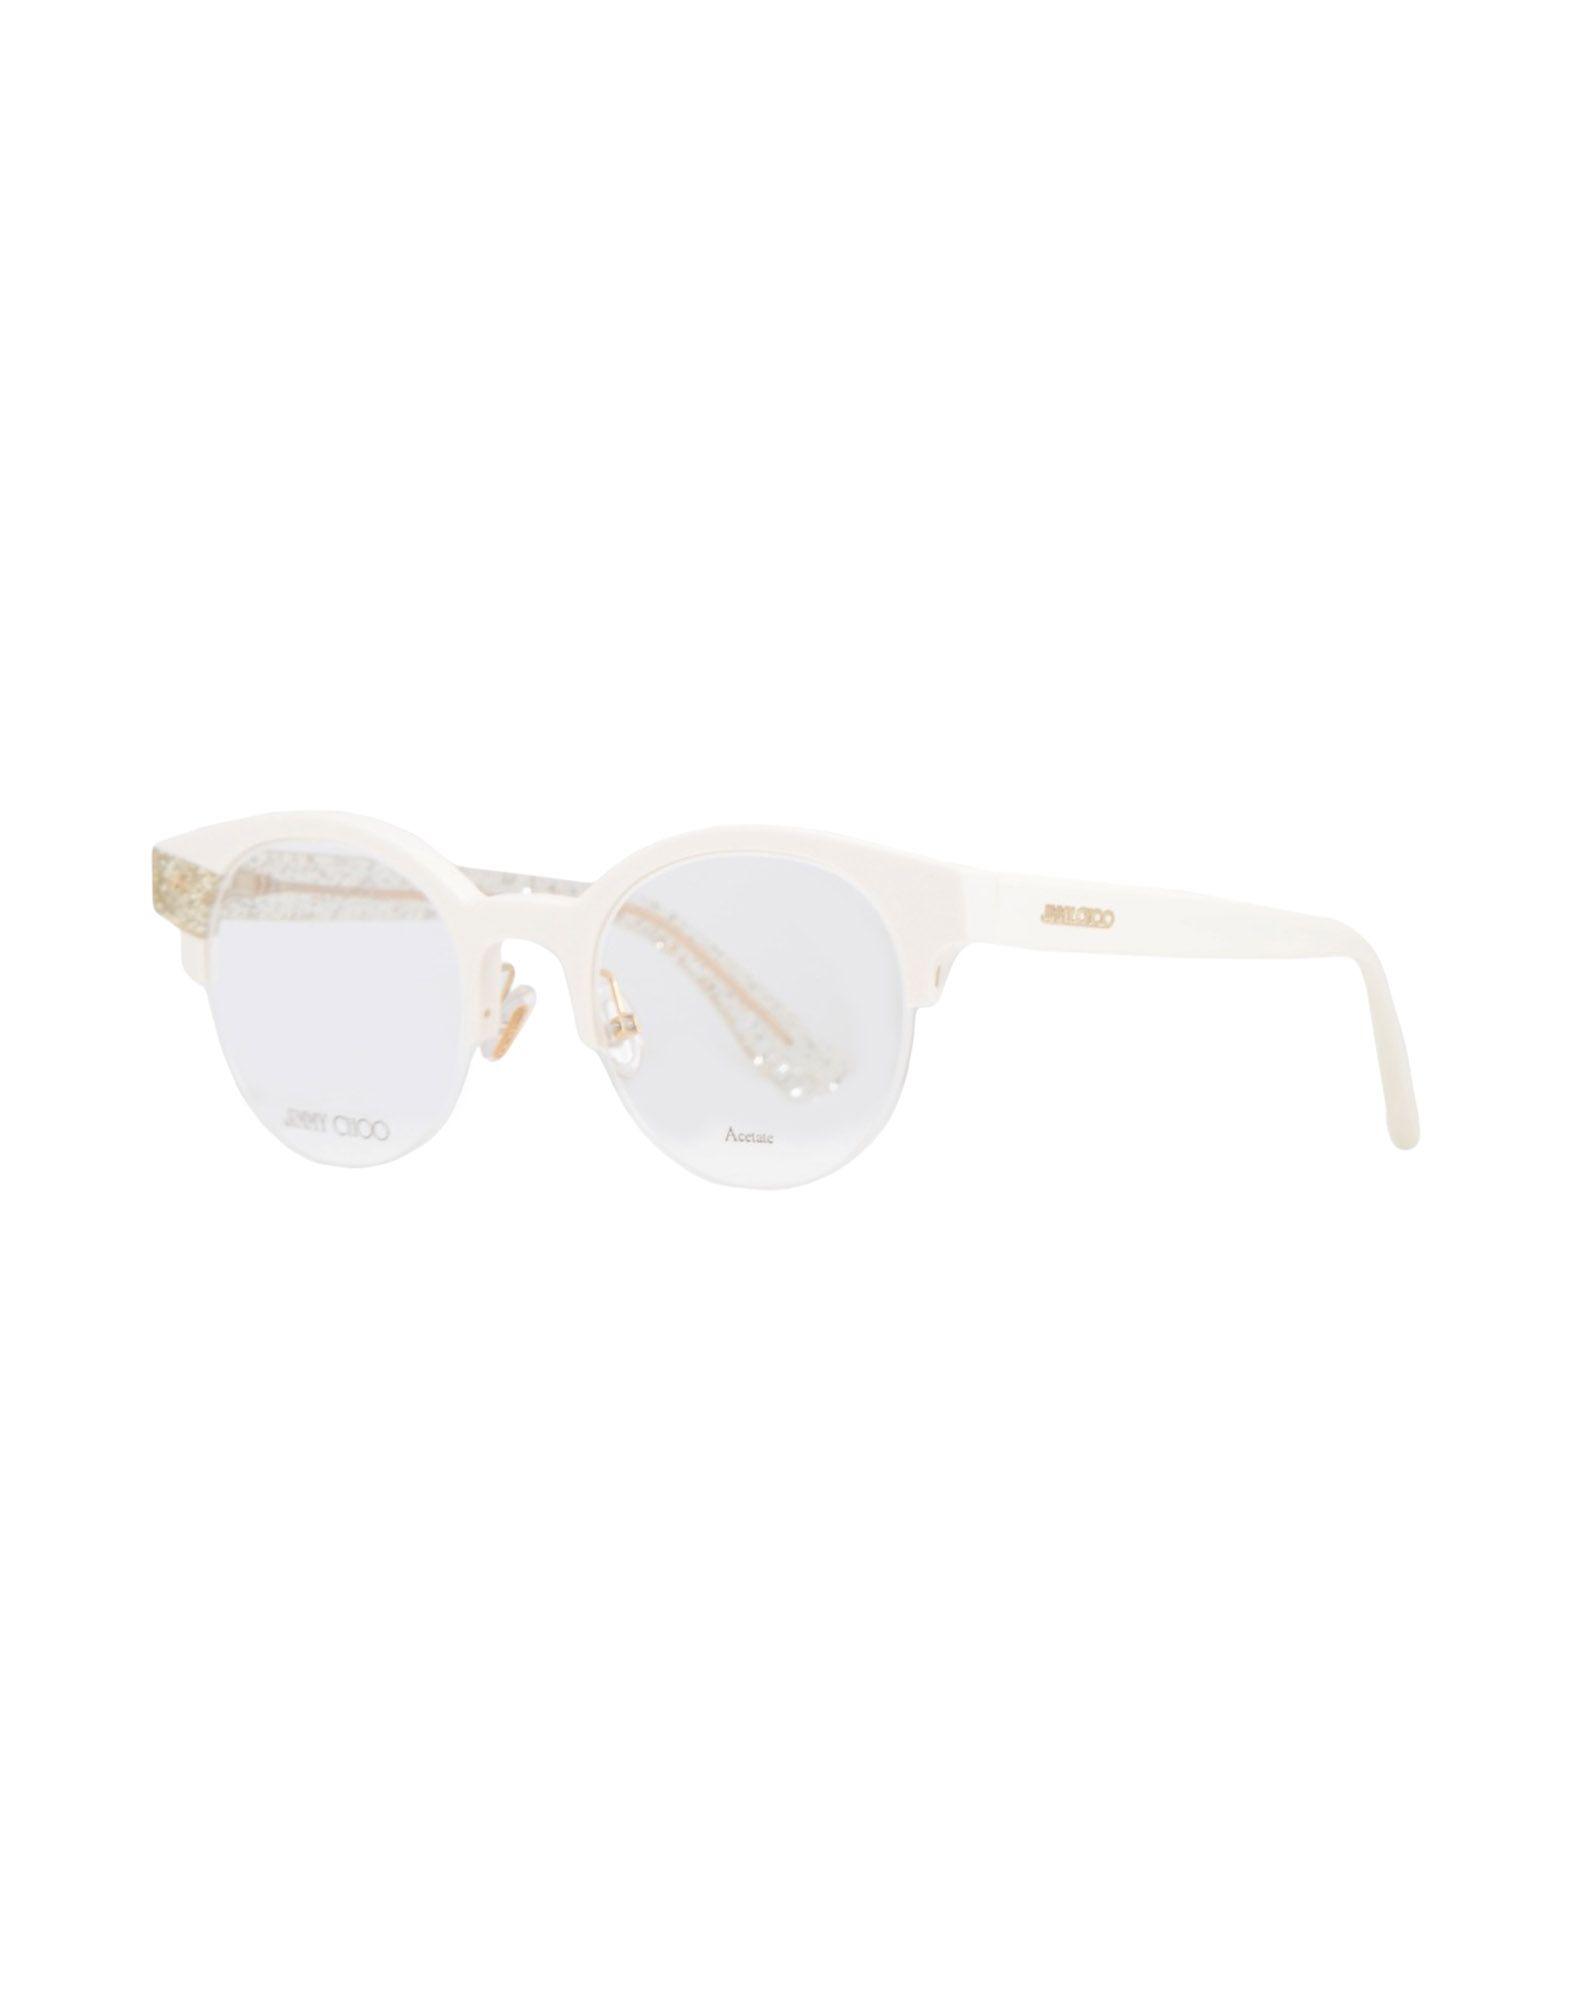 JIMMY CHOO Damen Brille Farbe Weiß Größe 1